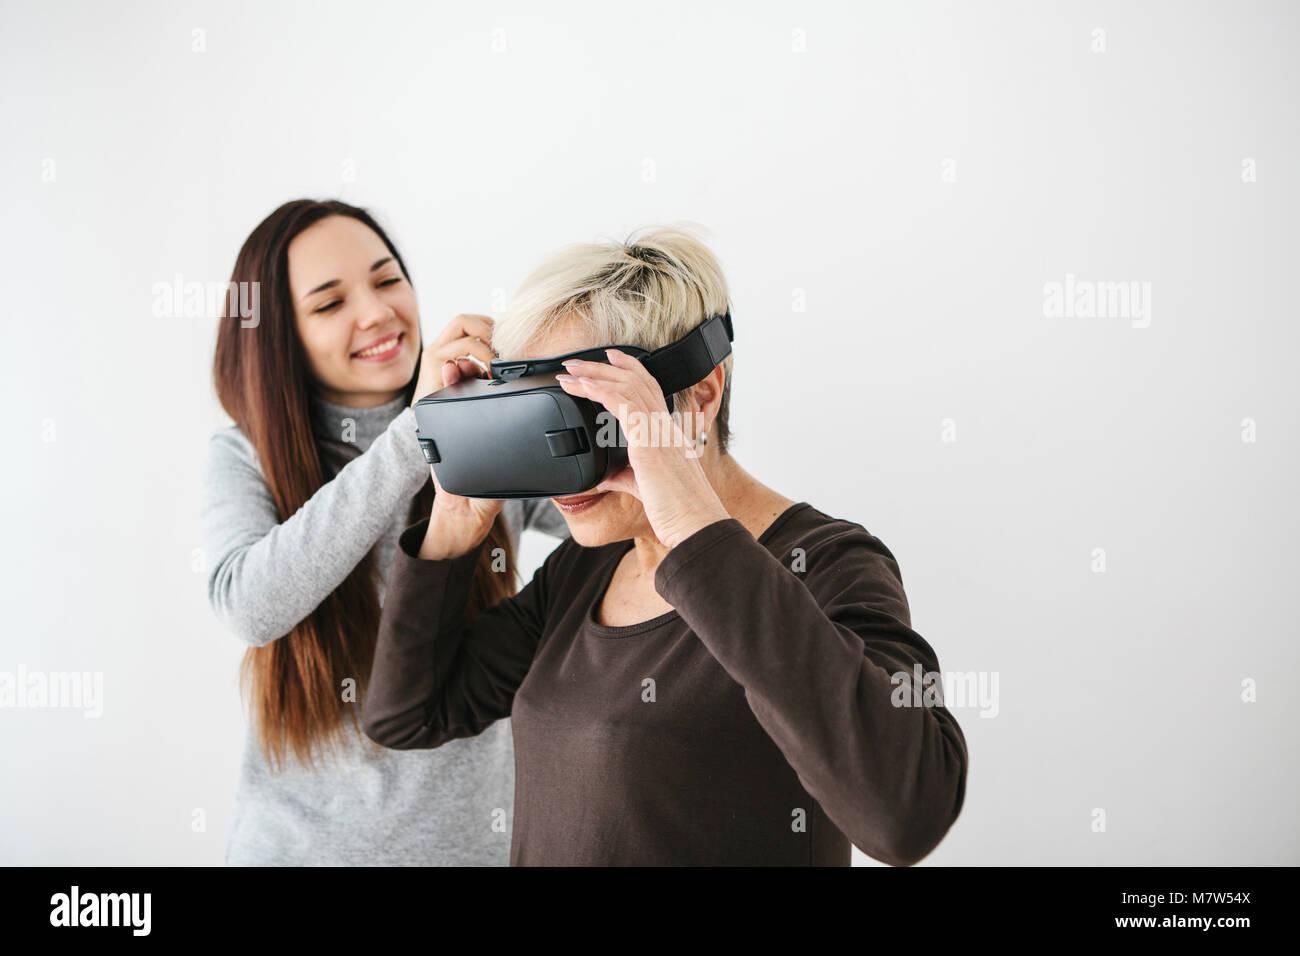 Ein junges Mädchen erklärt, eine ältere Frau wie Virtual reality Brillen zu verwenden. Die ältere Stockbild